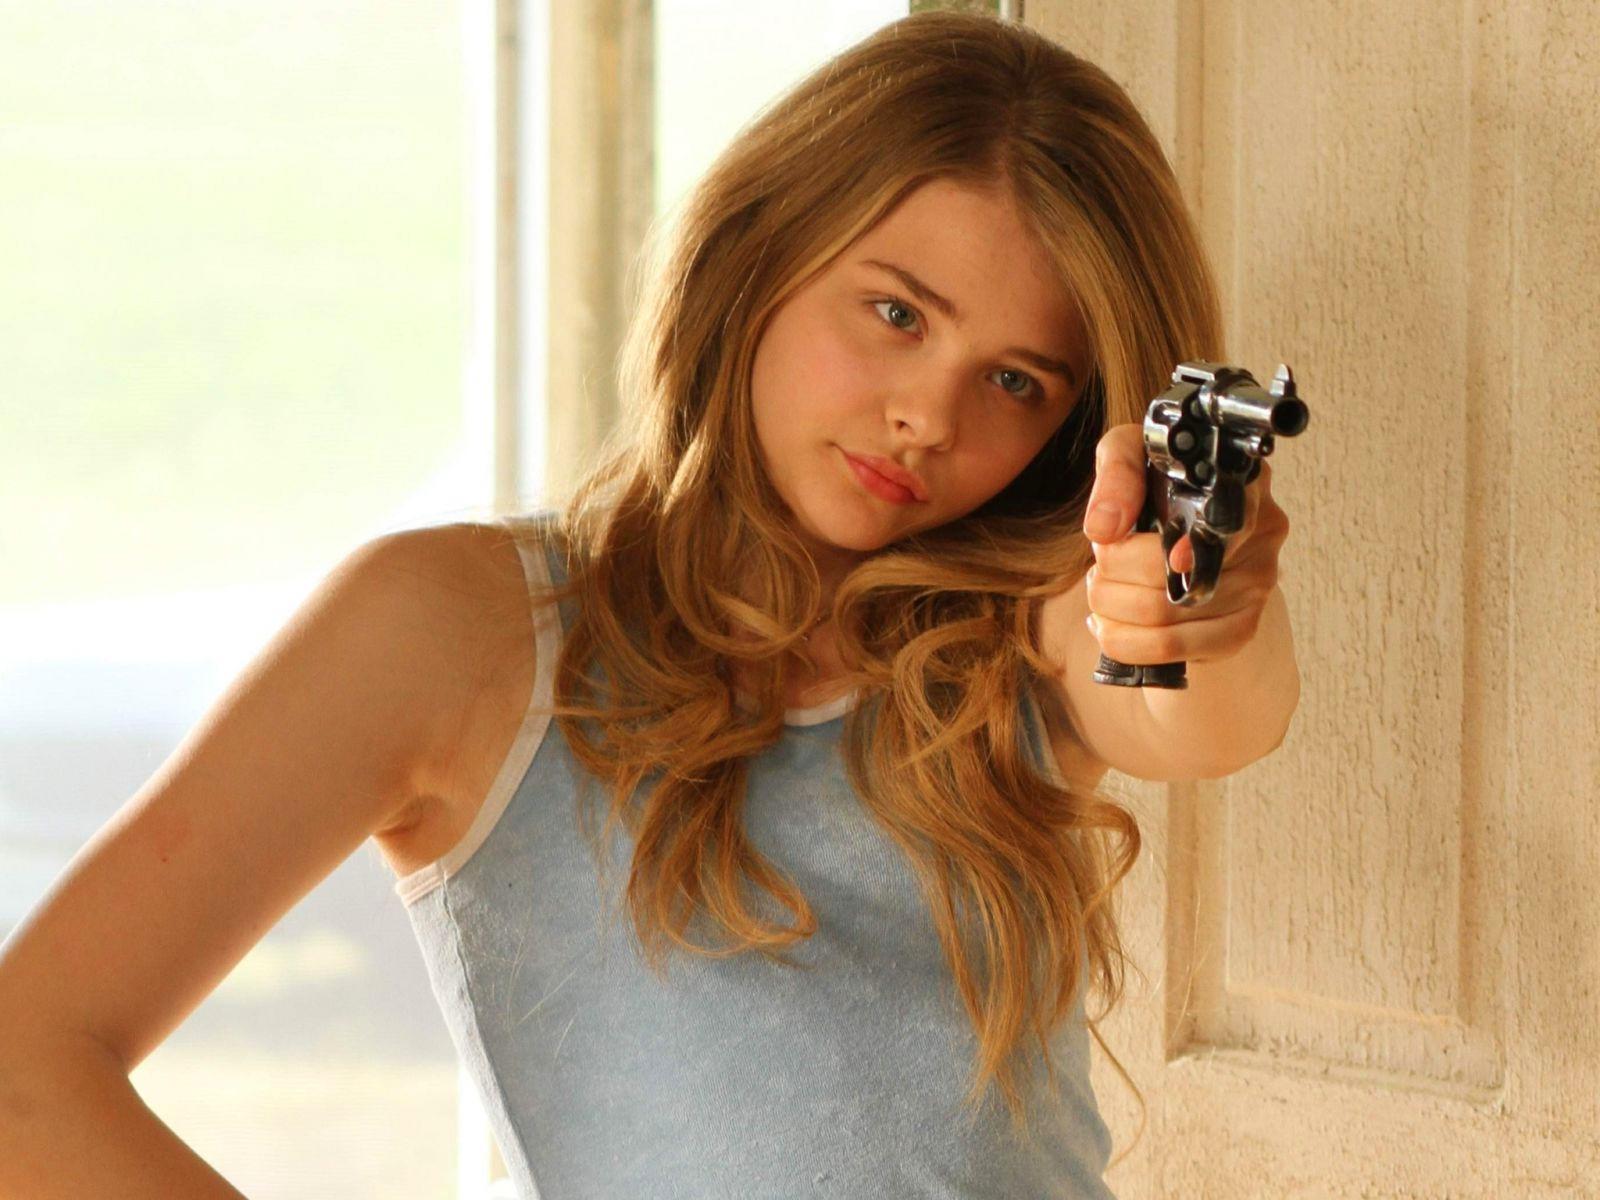 guns chloe moretz - photo #7